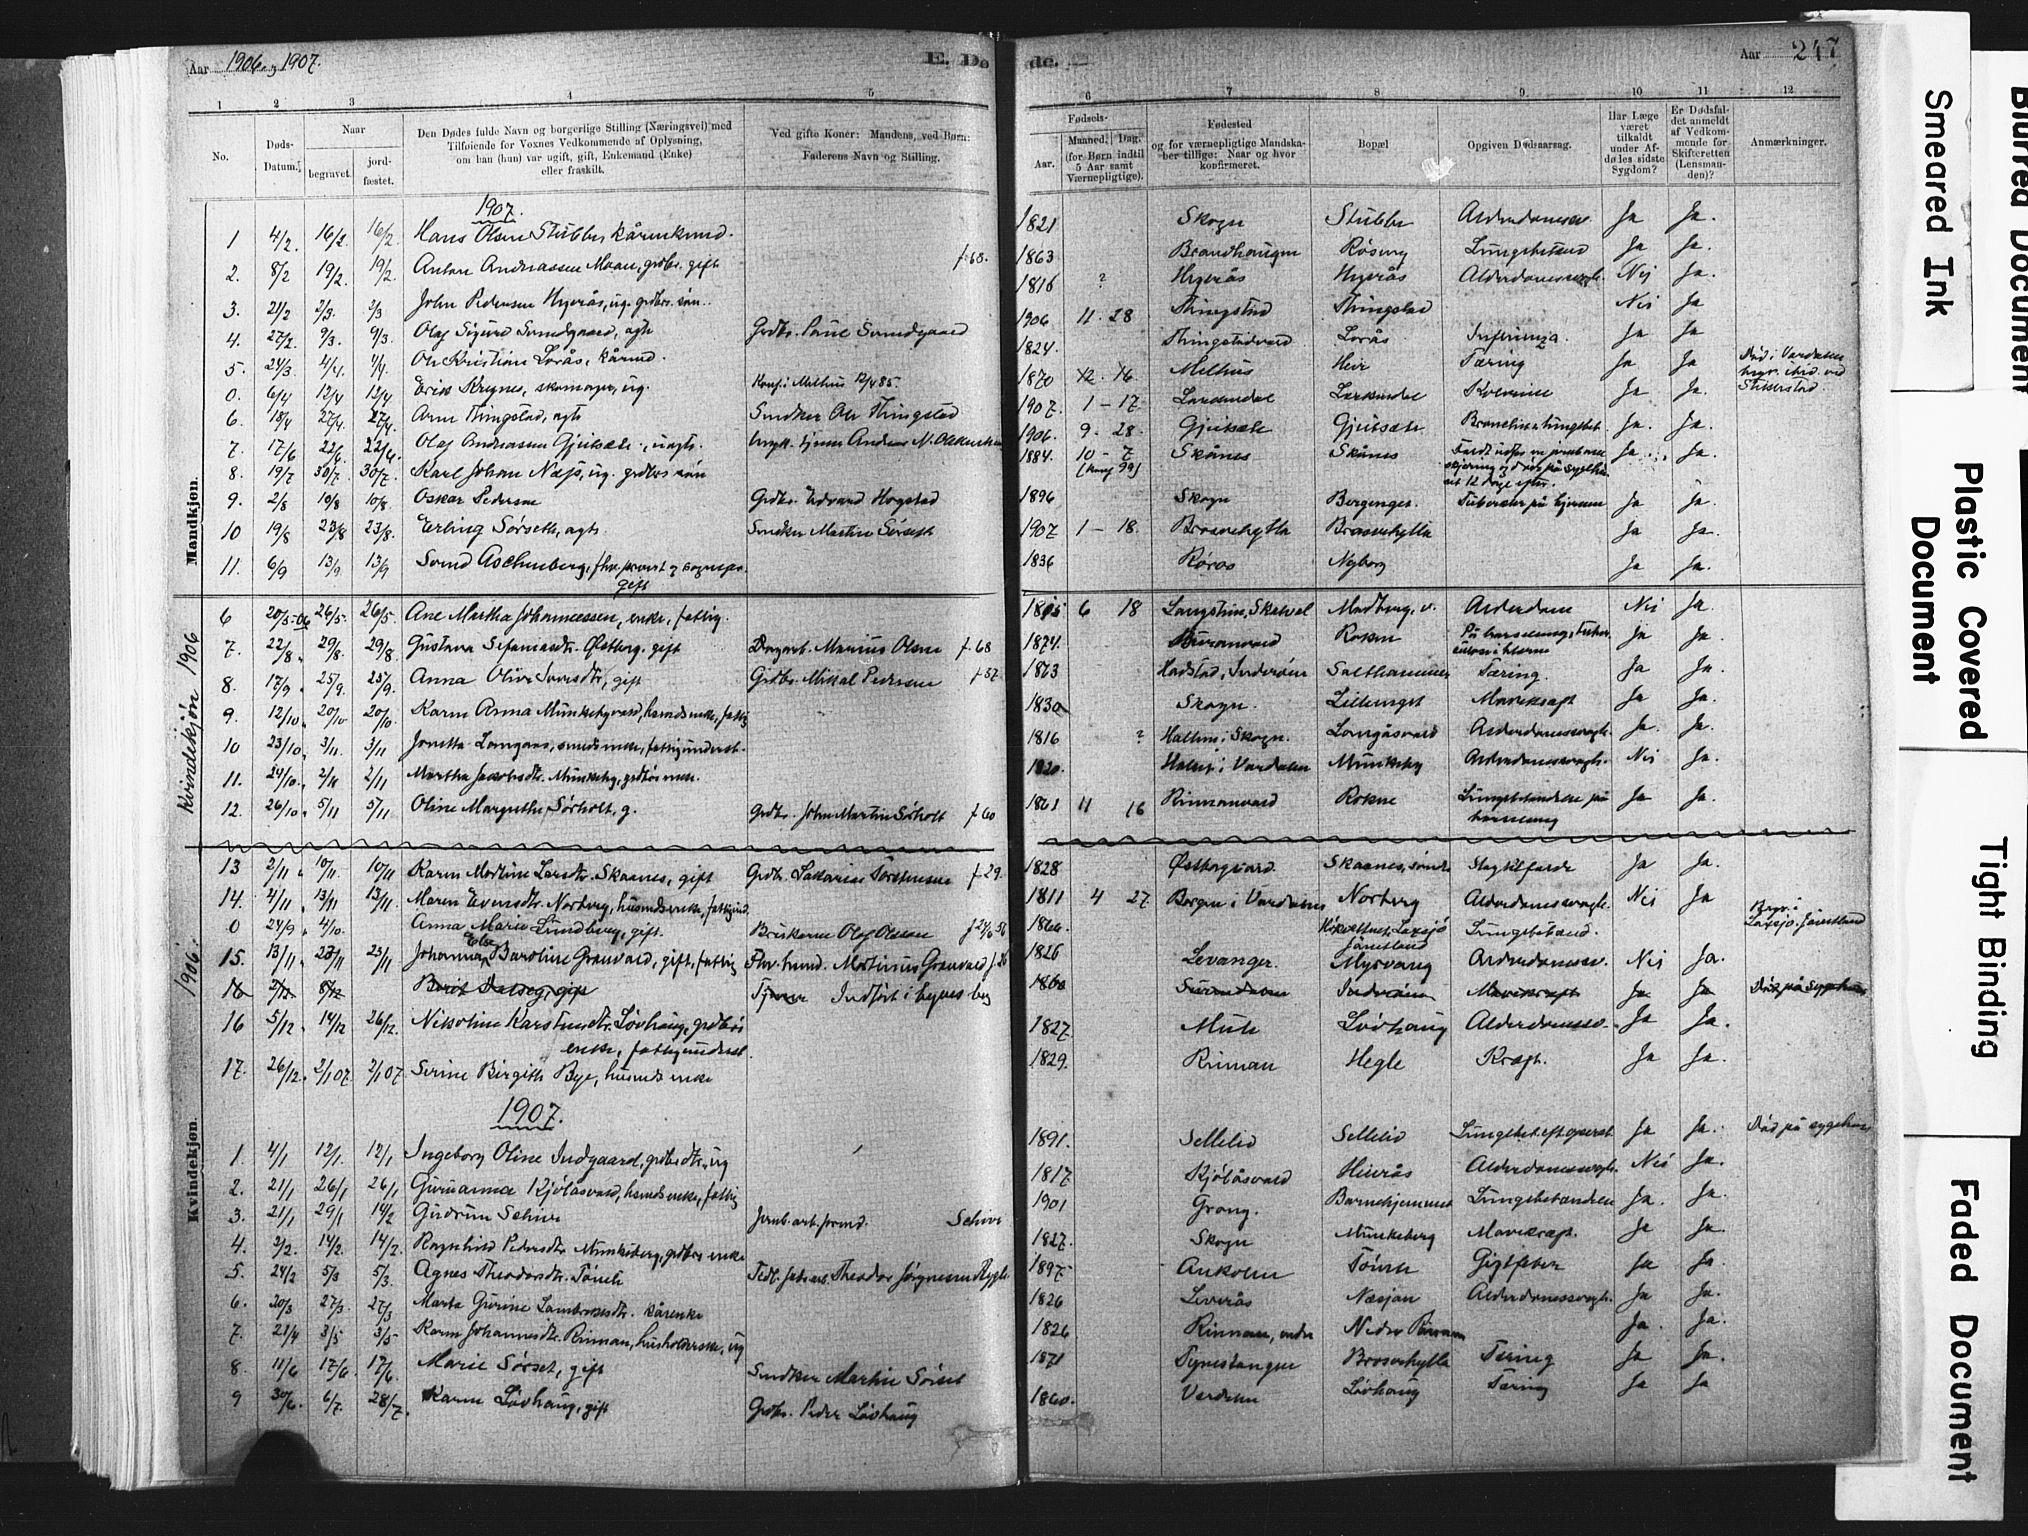 SAT, Ministerialprotokoller, klokkerbøker og fødselsregistre - Nord-Trøndelag, 721/L0207: Ministerialbok nr. 721A02, 1880-1911, s. 247